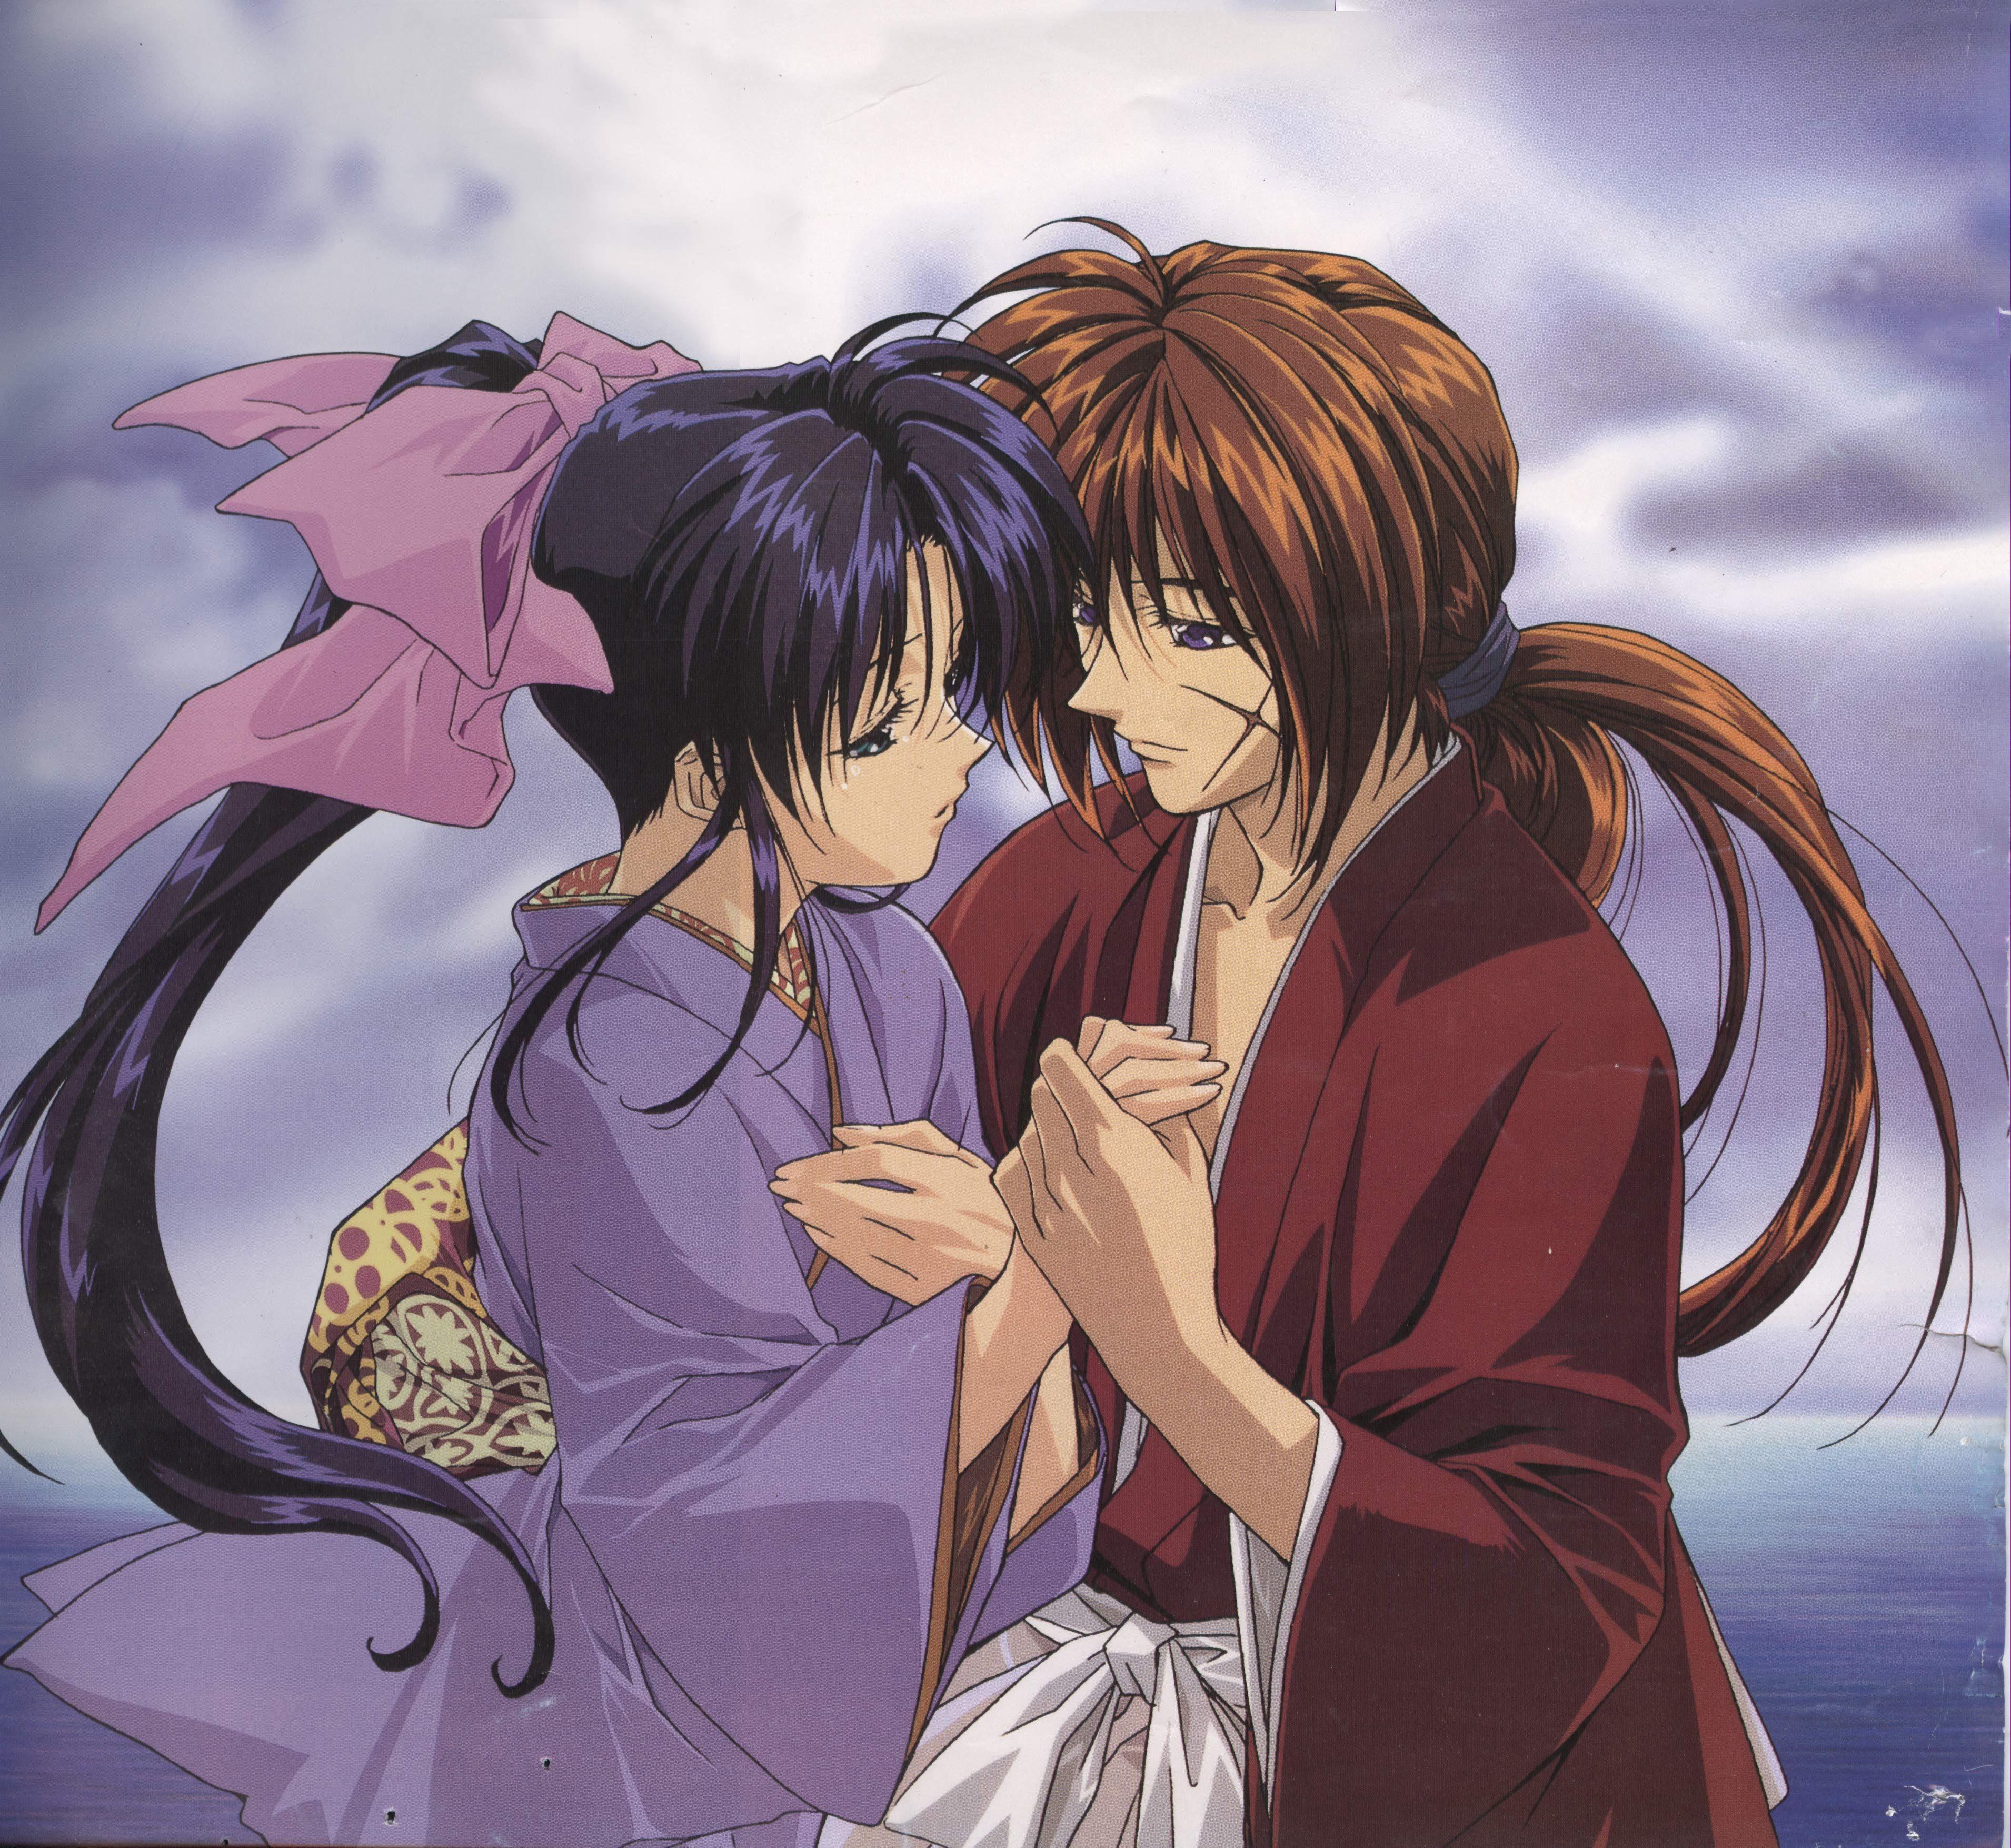 Samurai X: Rurouni Kenshin | Rurouni kenshin, Anime and Manga